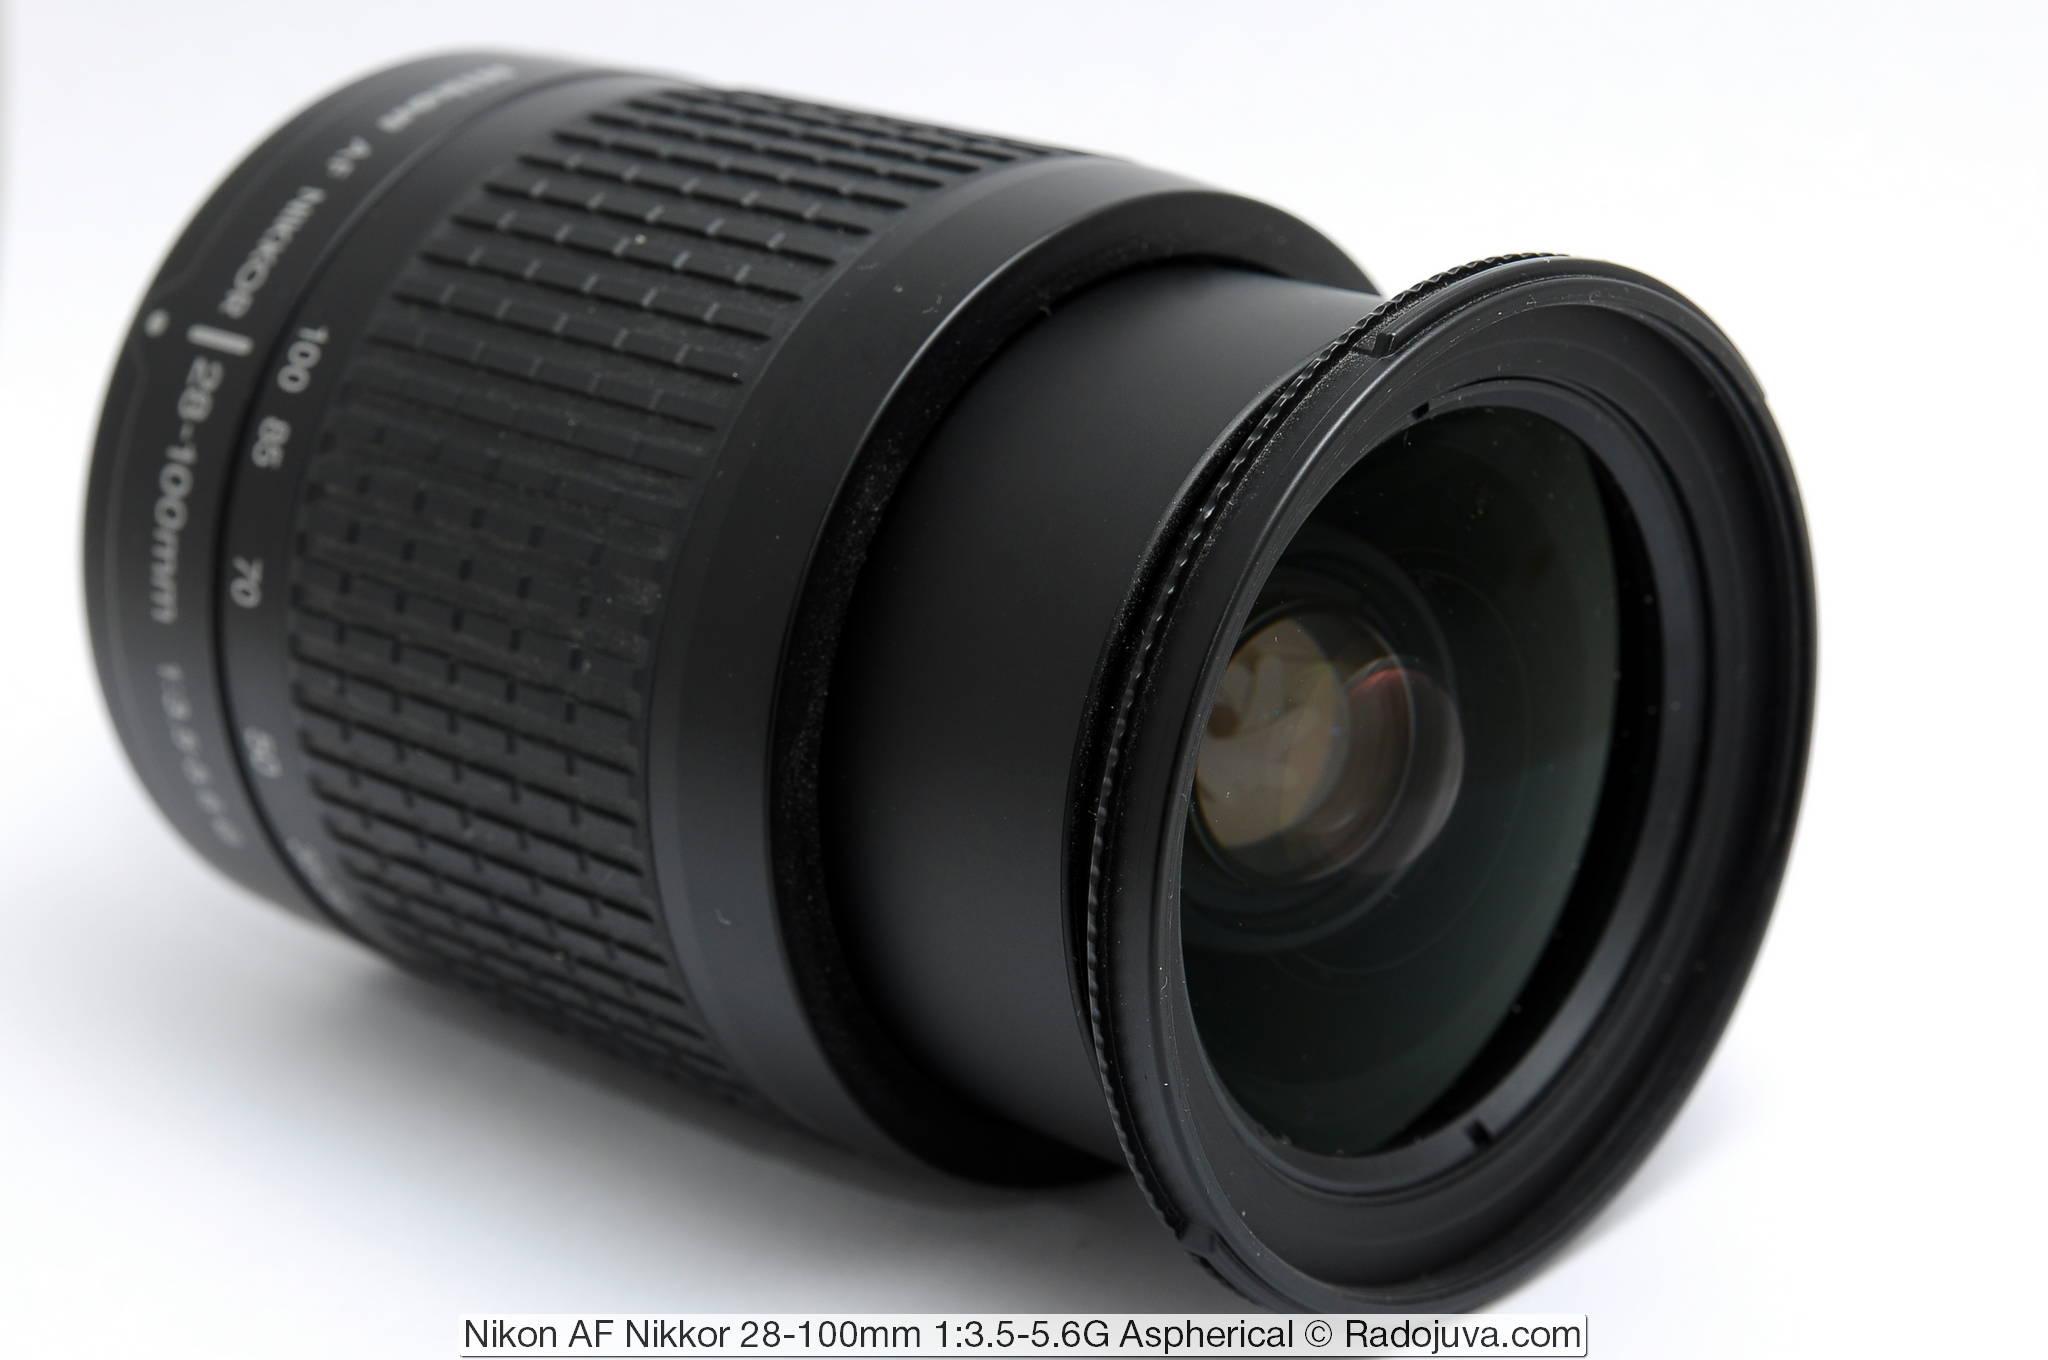 Nikon AF Nikkor 28-100mm 1:3.5-5.6G Aspherical